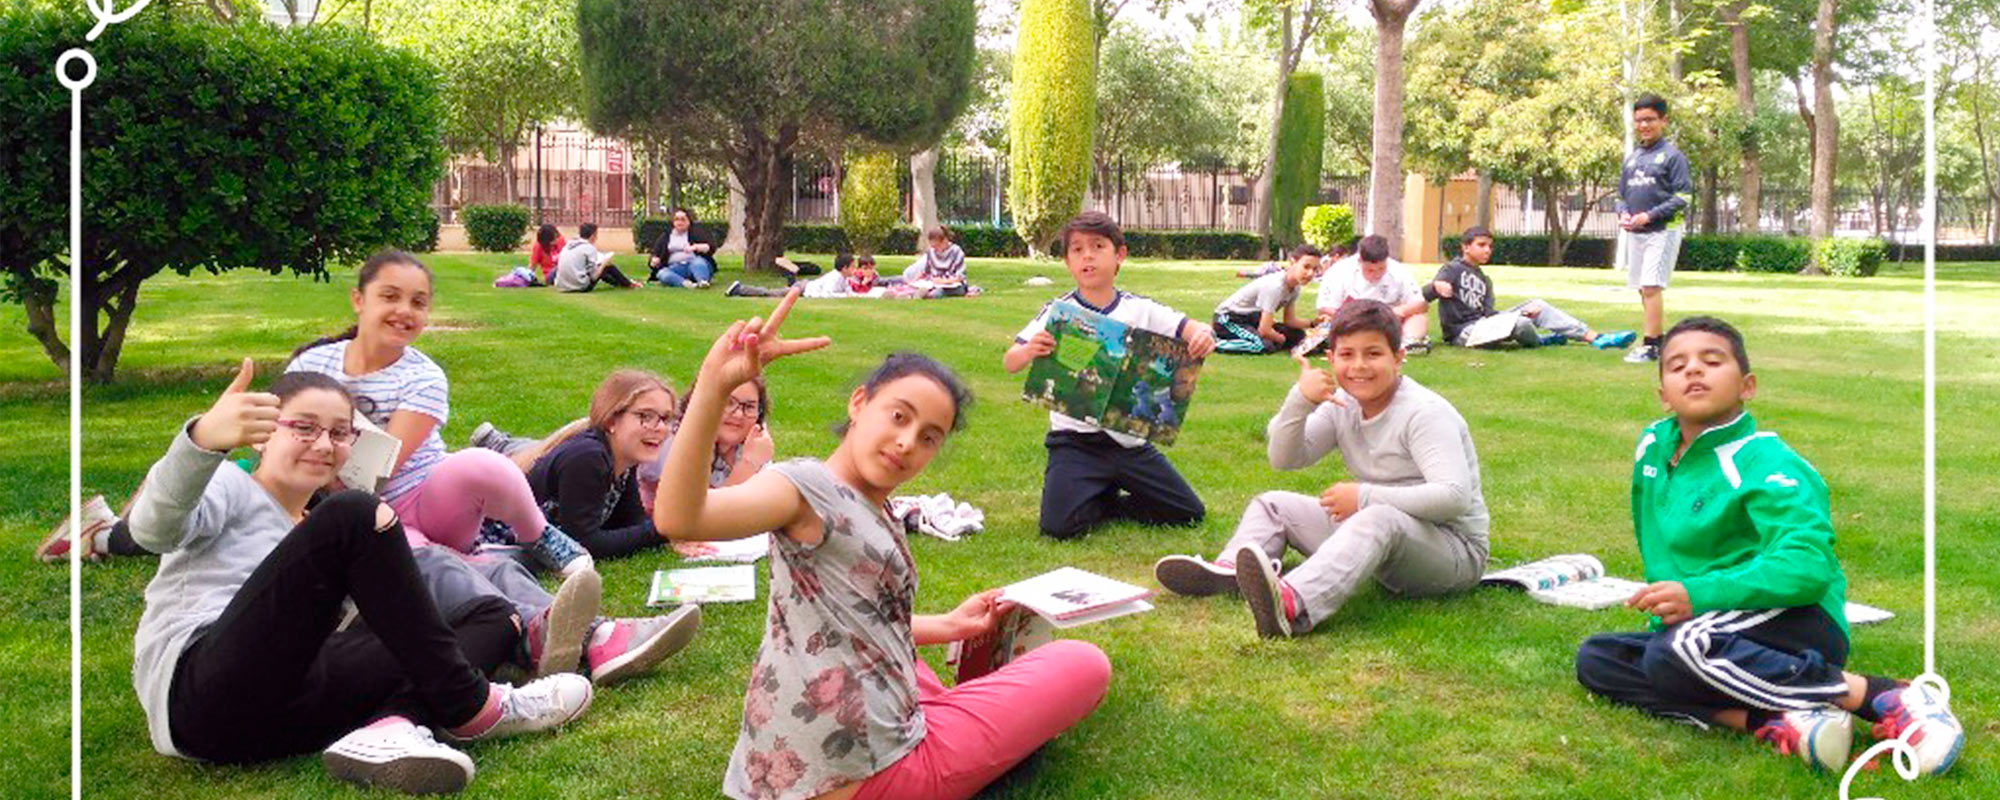 Proyecto socioeducativo SUEÑOS (Valdepeñas-Ciudad Real)